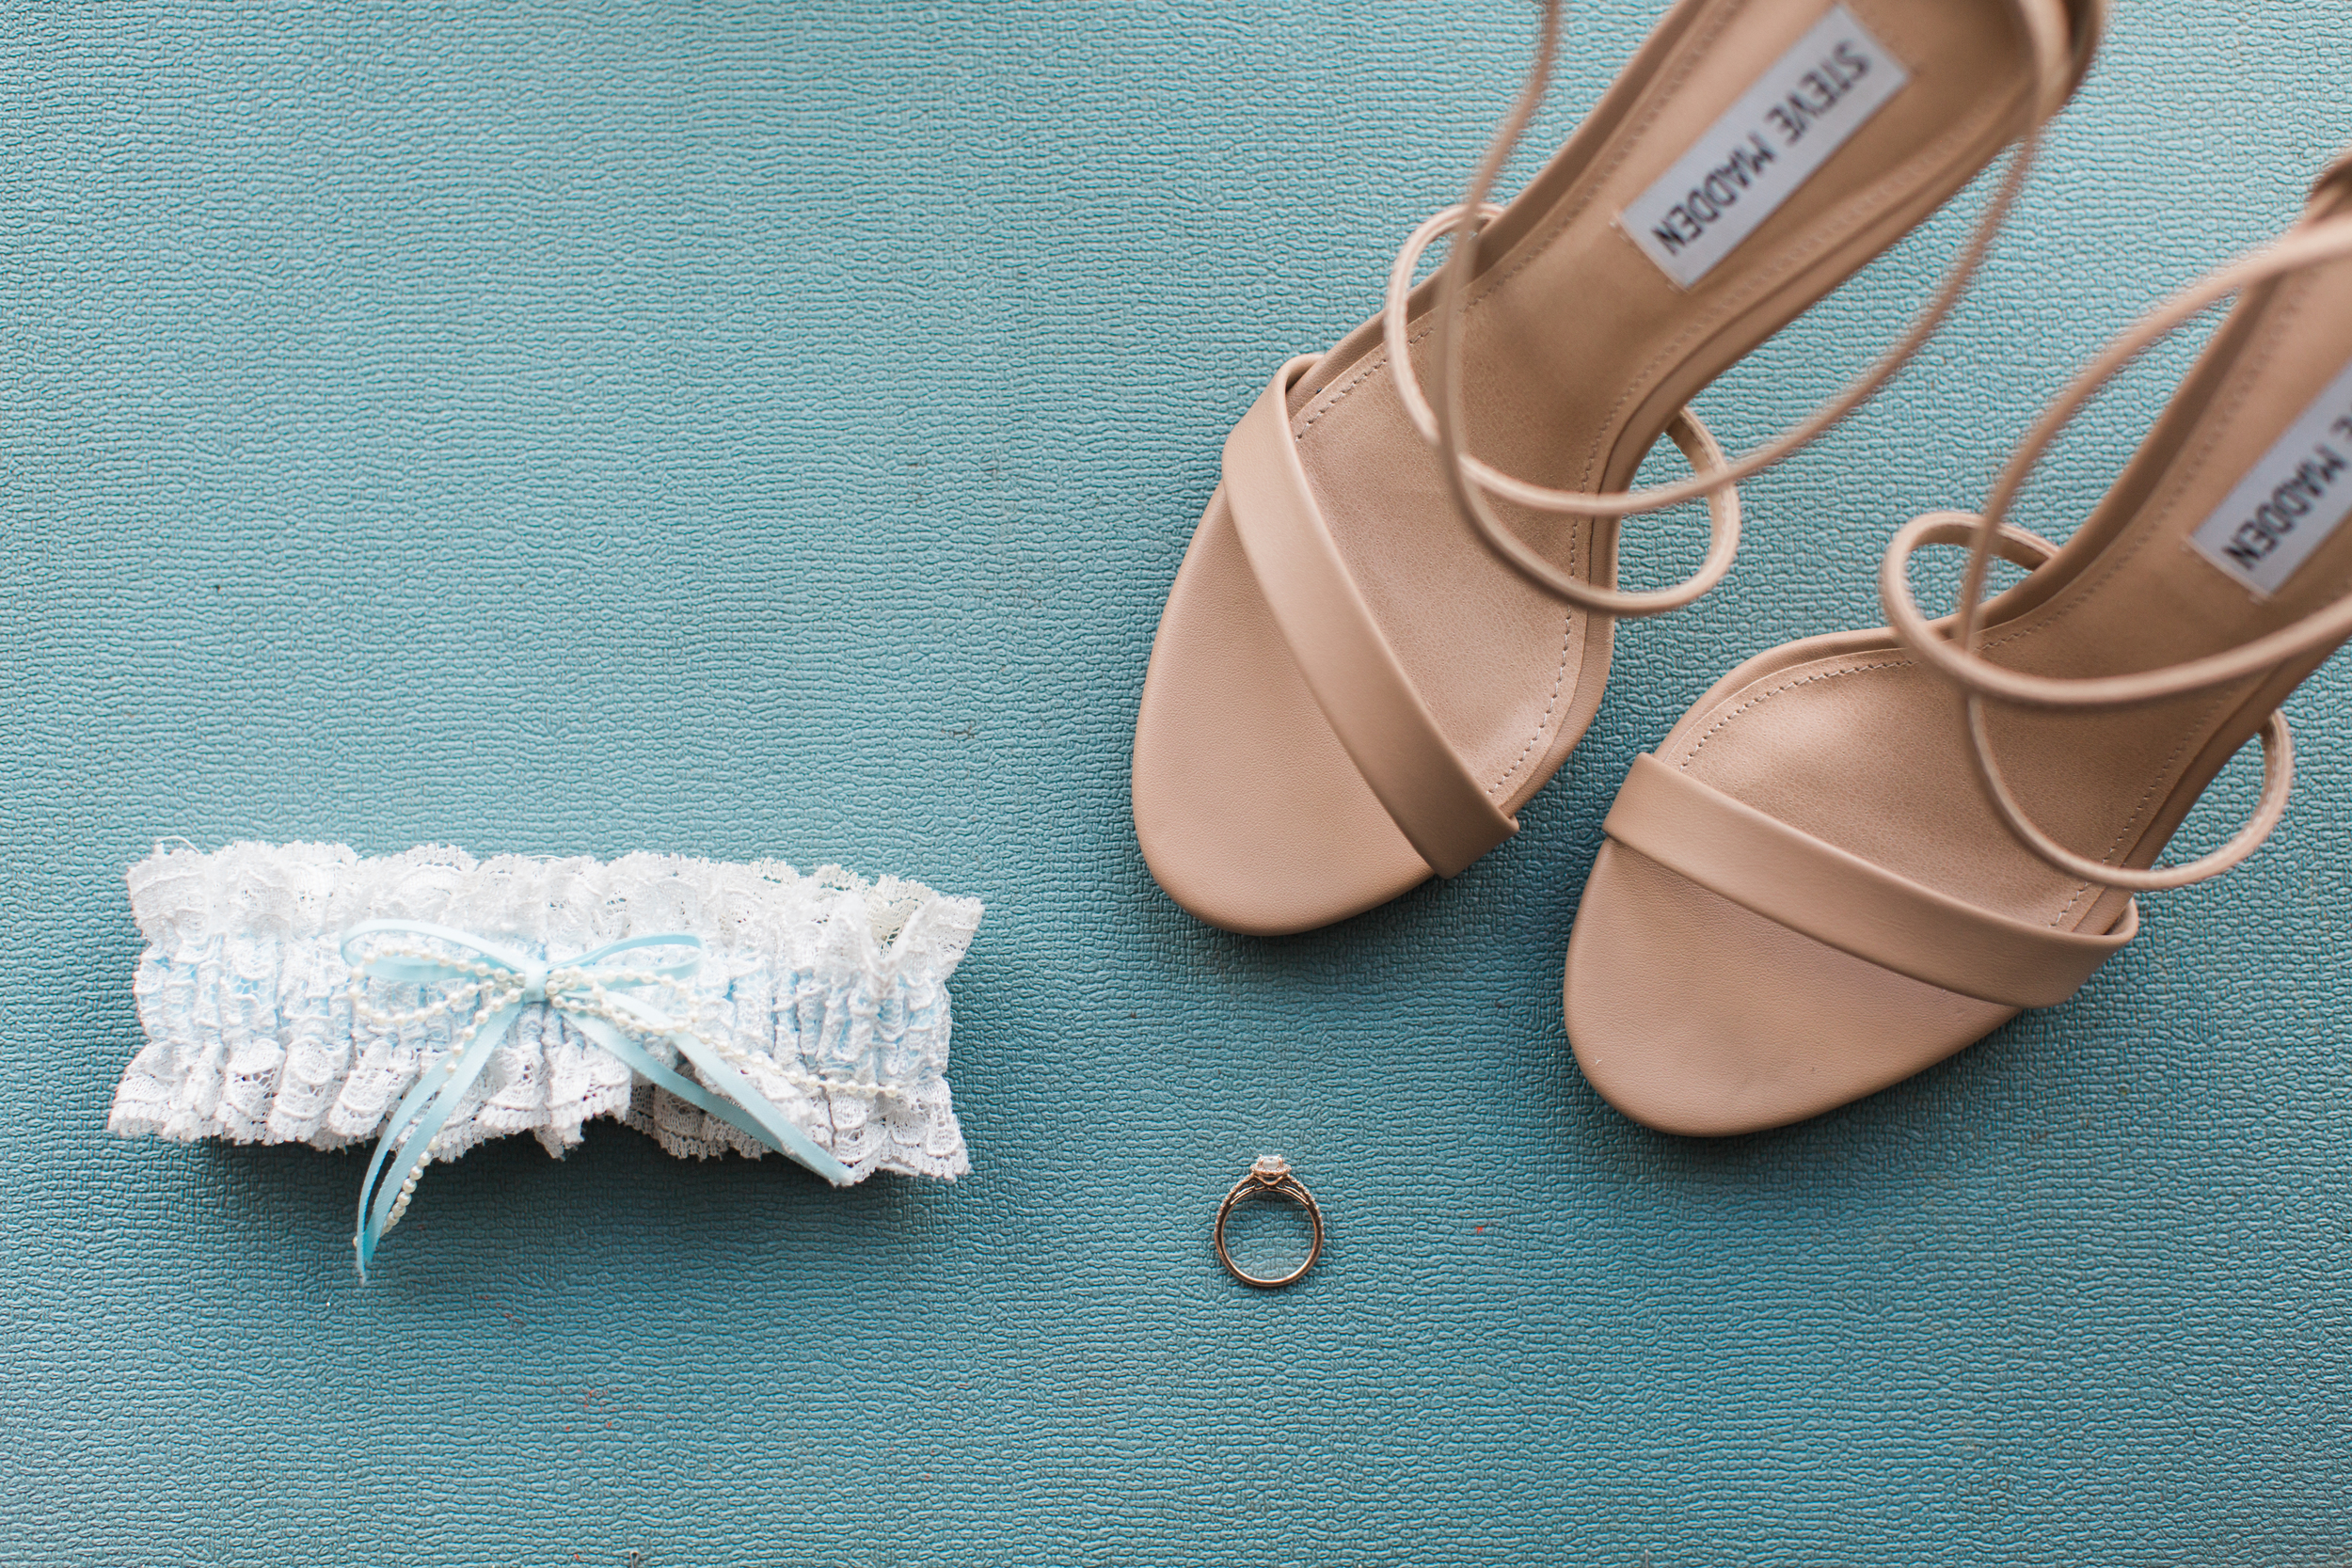 11-garter-ring-shoes.jpg